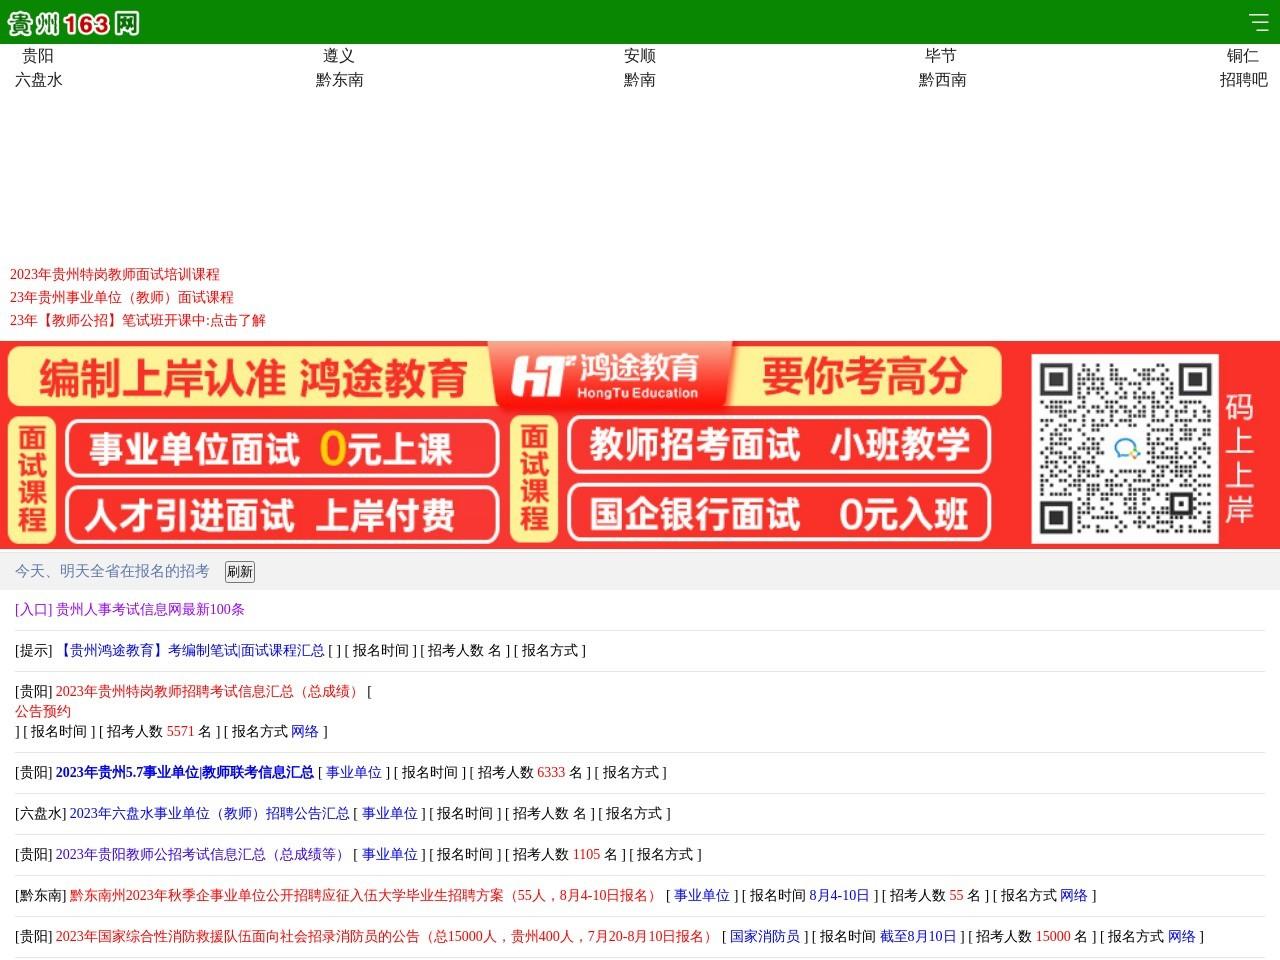 贵州163网-163贵州人事考试信息网 贵州163